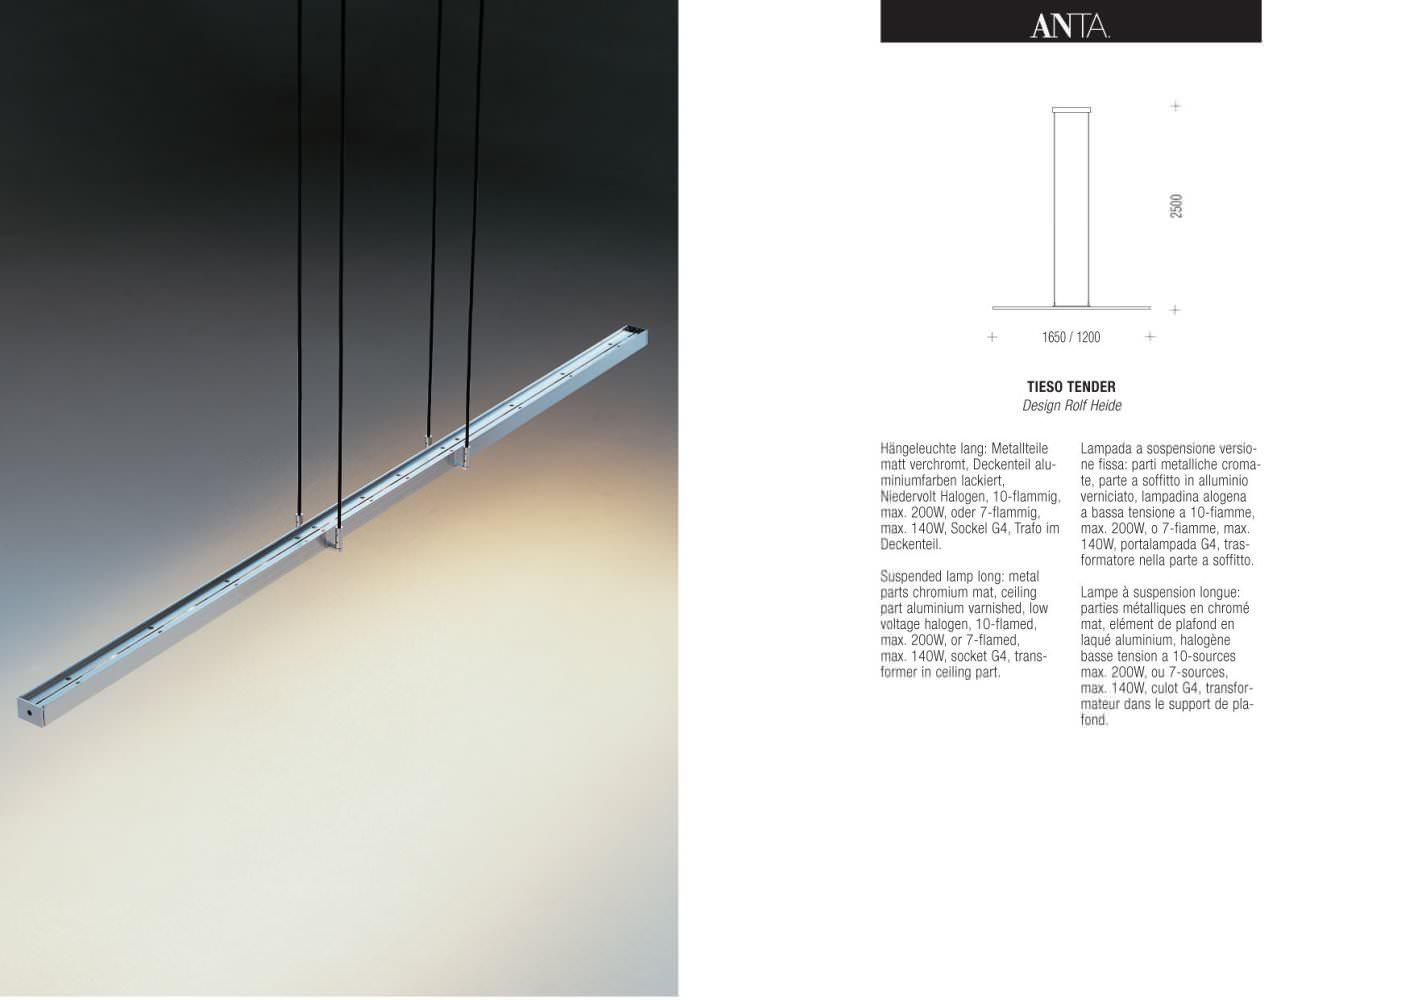 Unglaublich Anta Leuchten Referenz Von Tieso Tender - 1 / 1 Pages